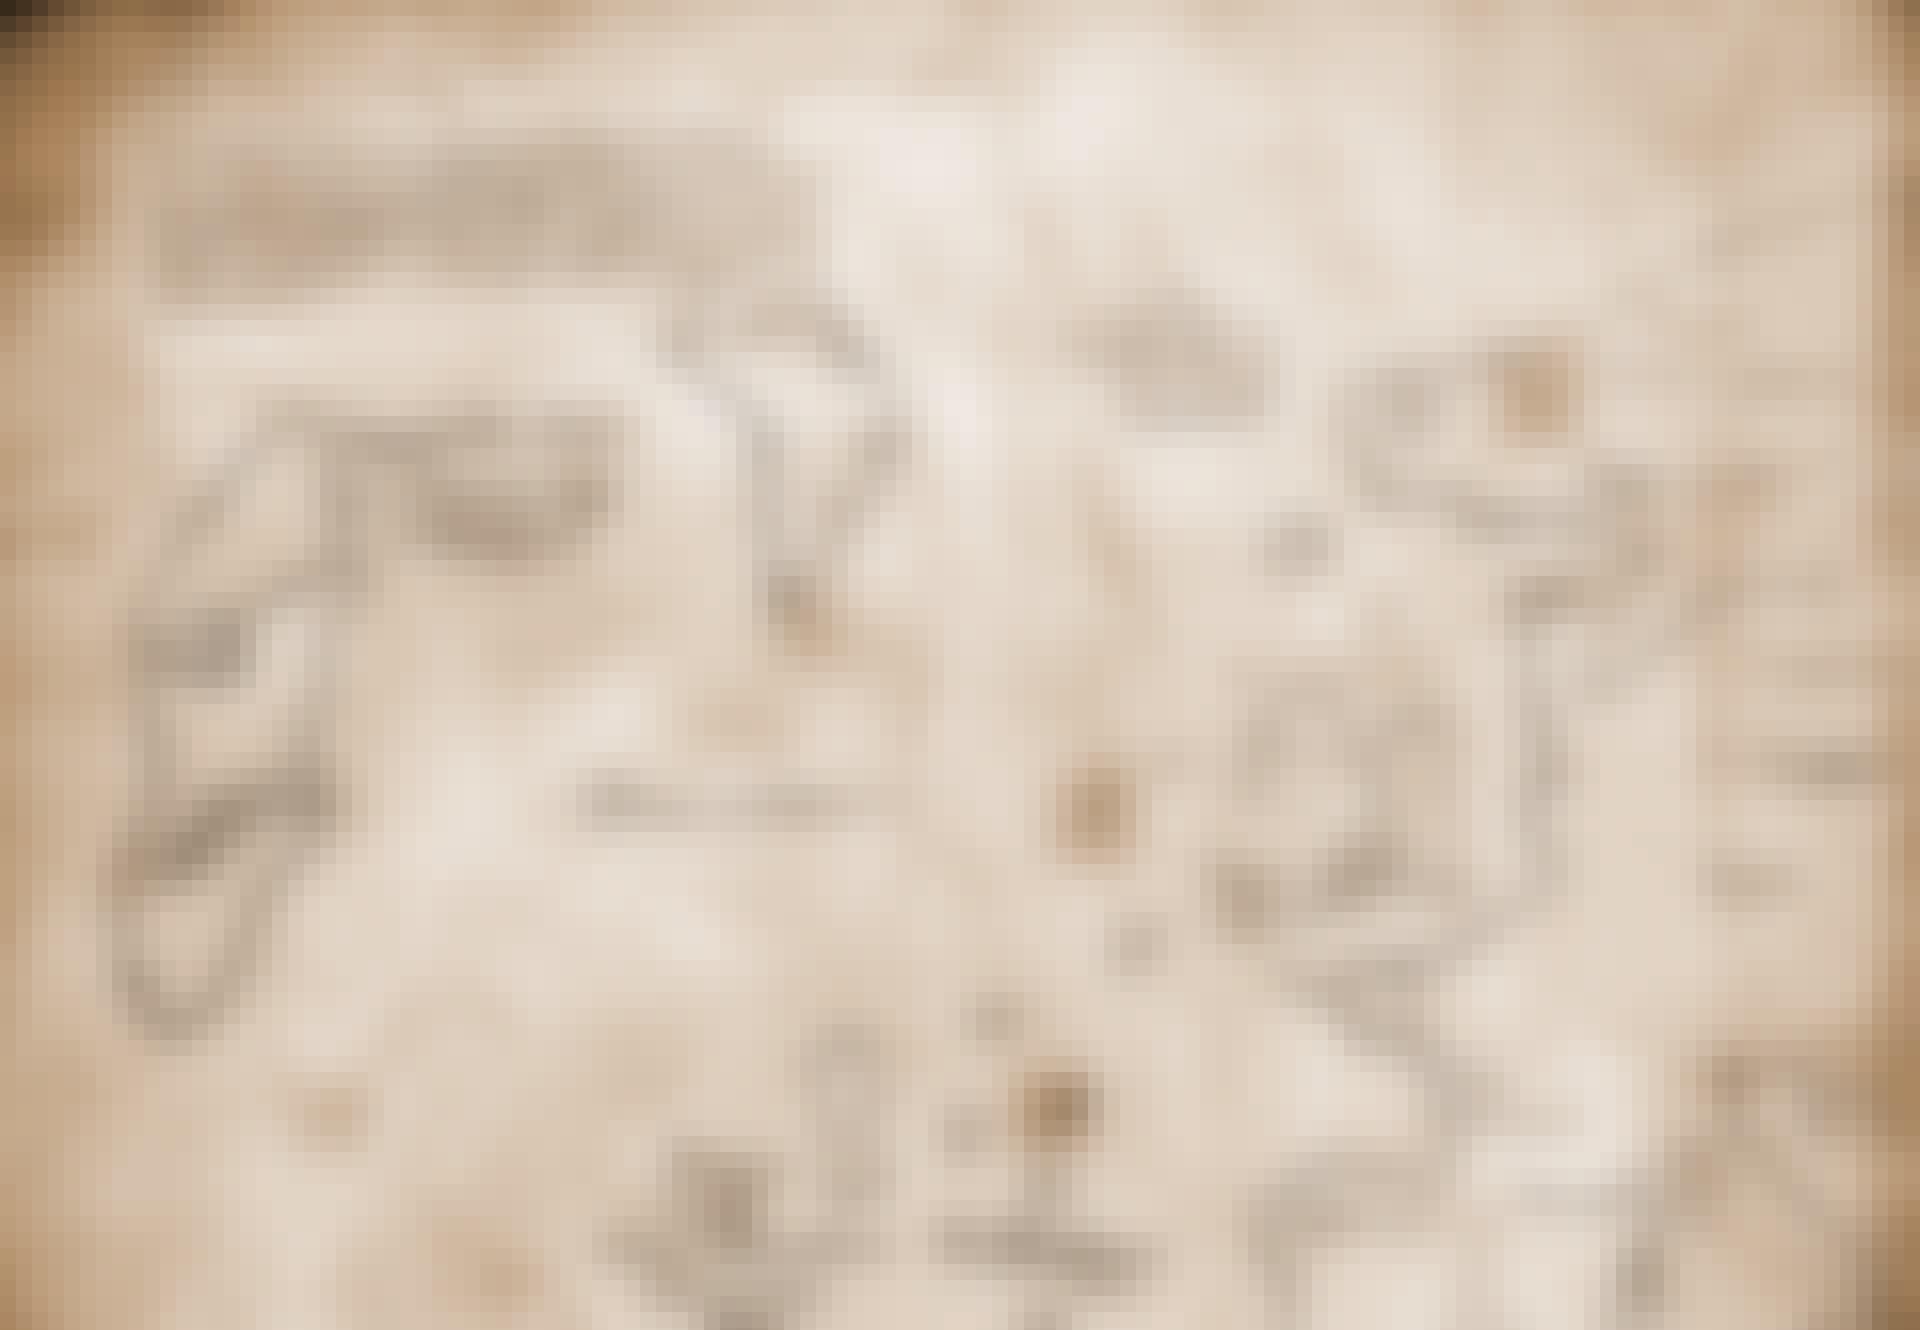 Vinlandskartan